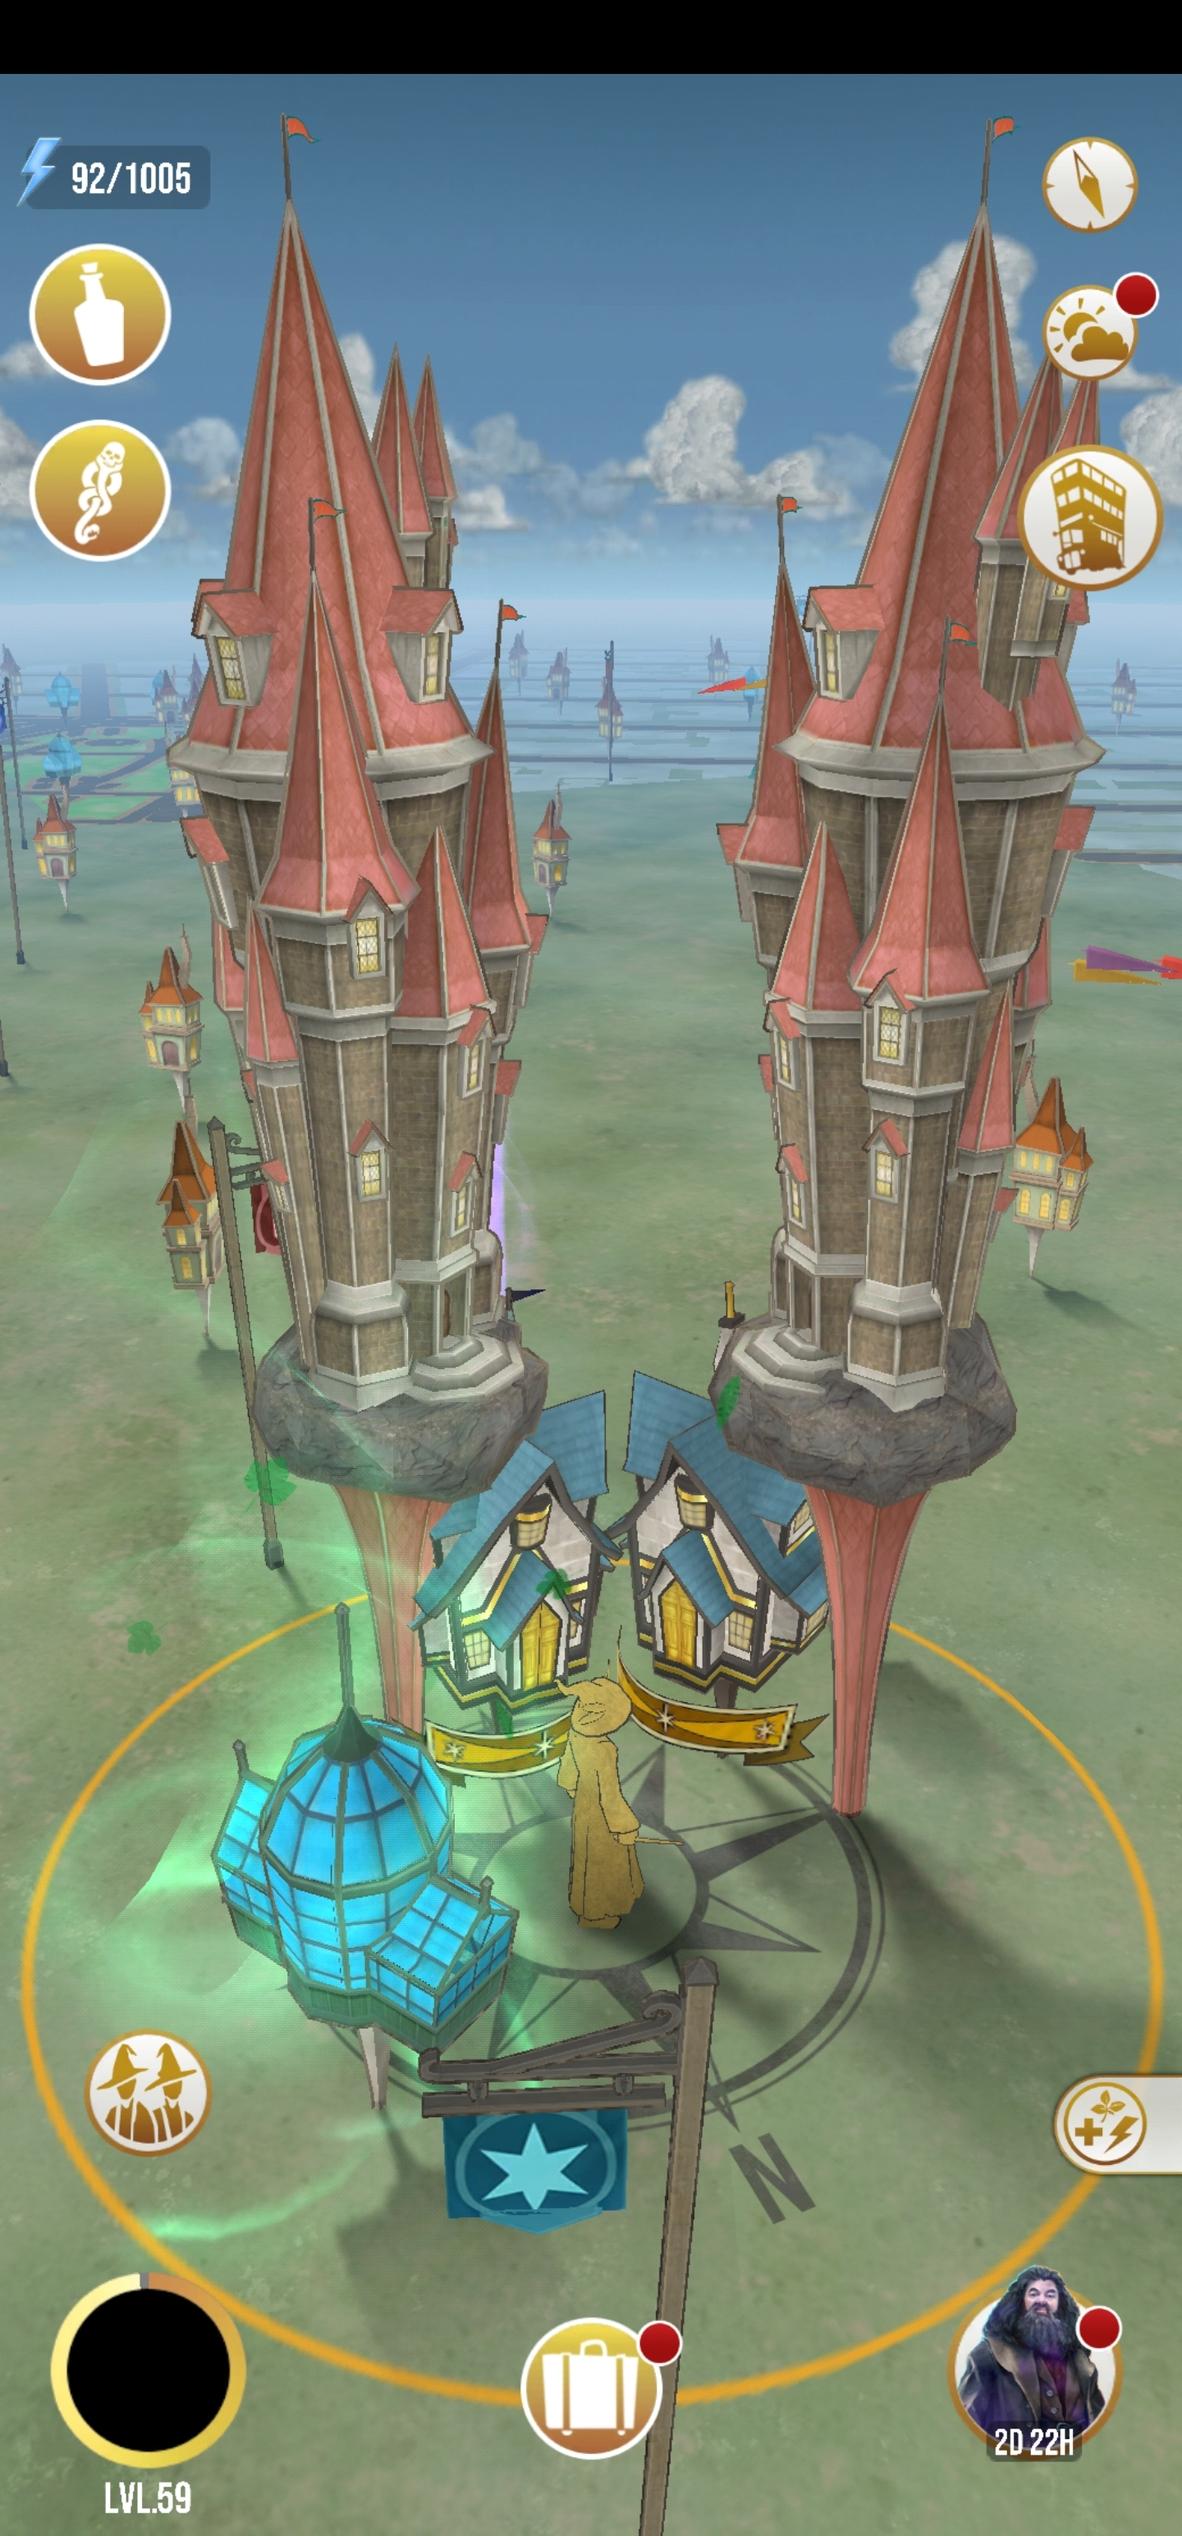 Screenshot_20210813-155706_Wizards Unite.jpg